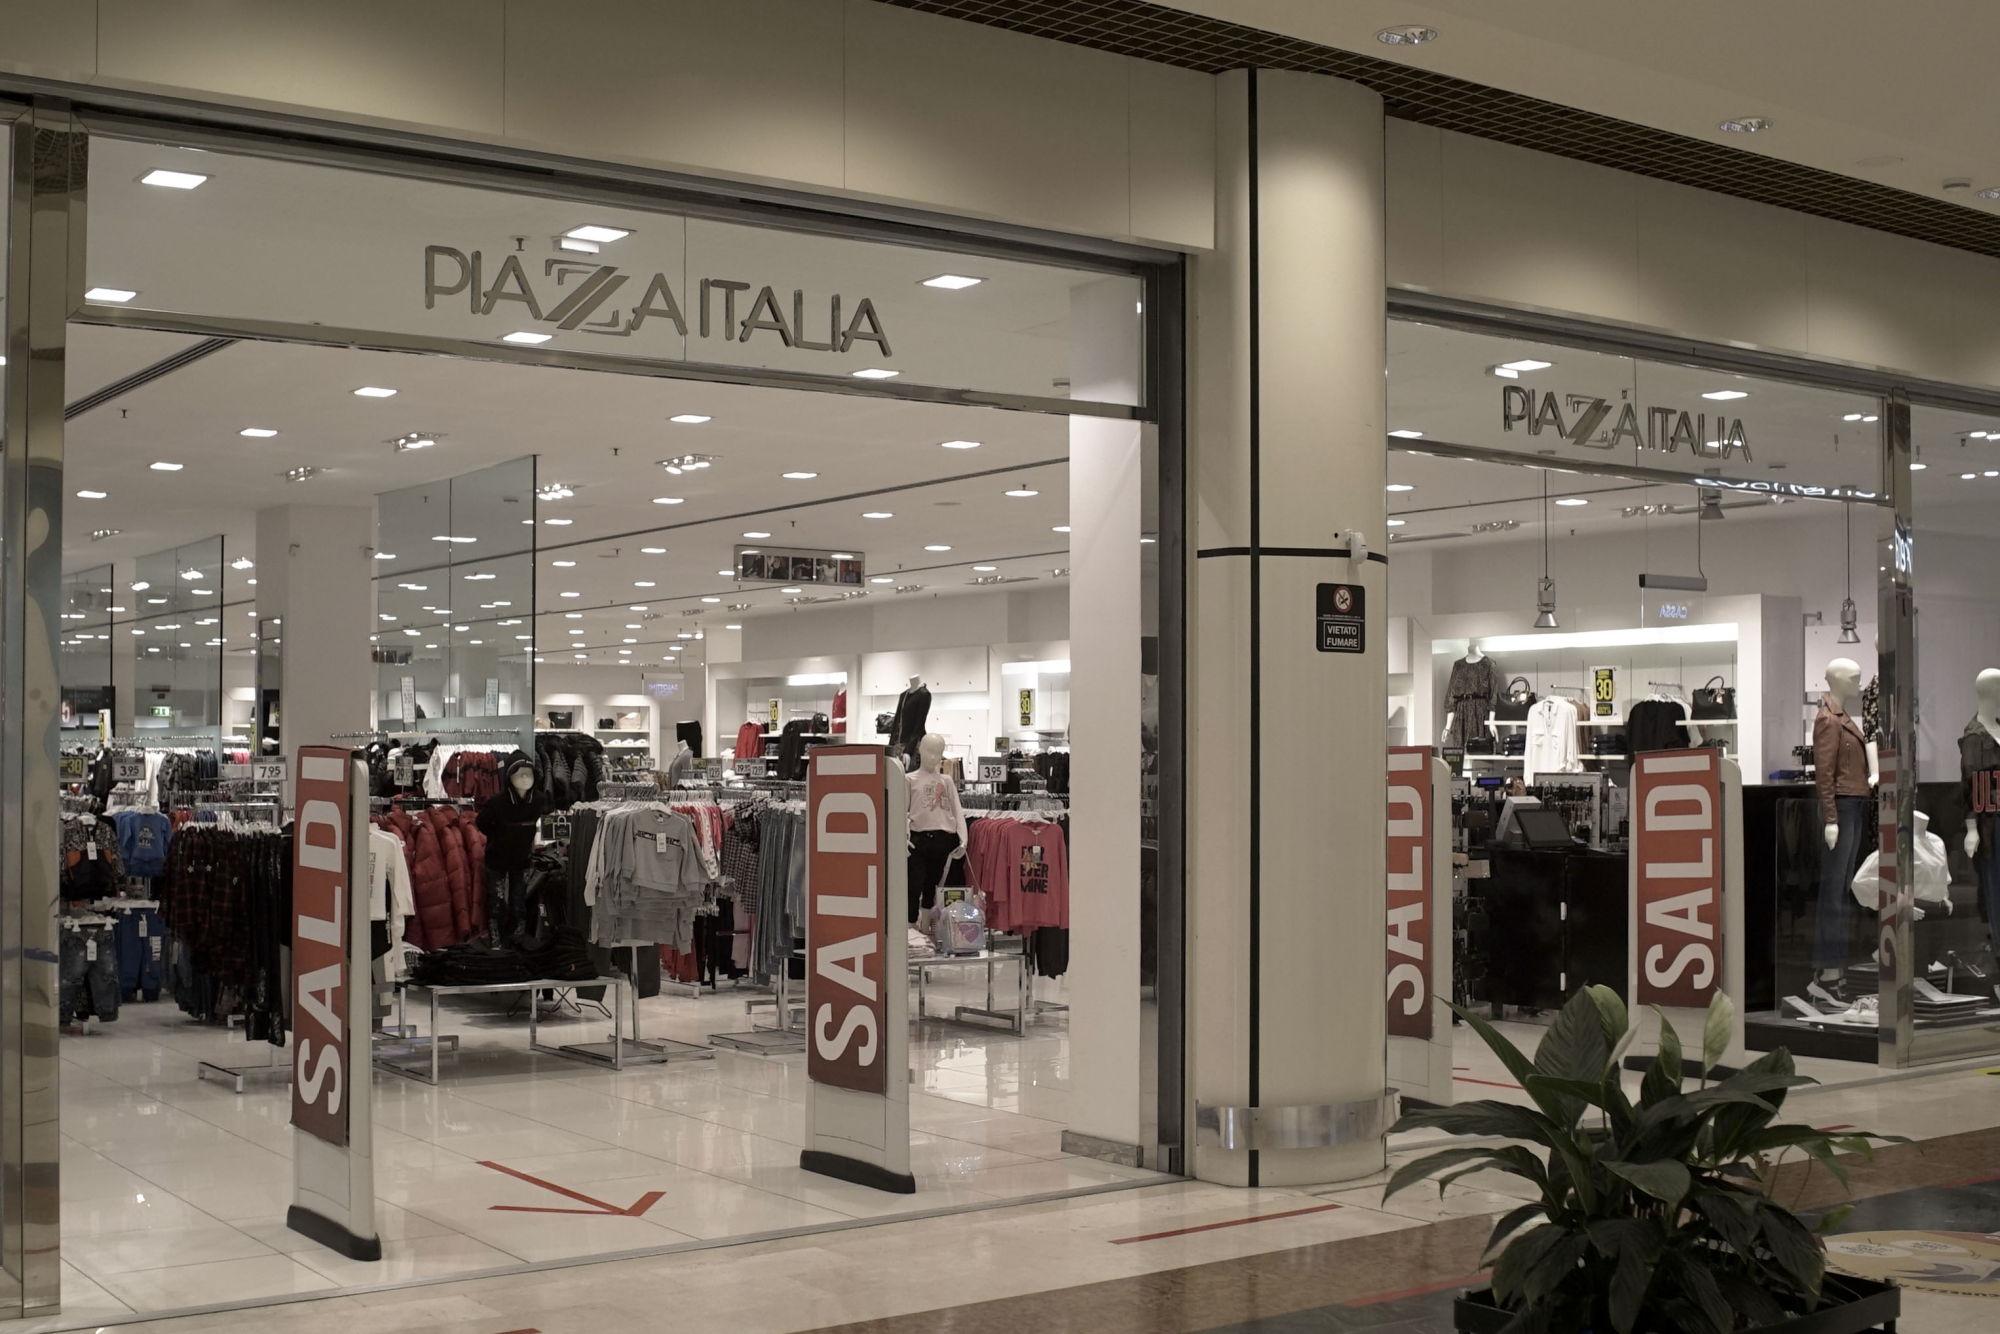 centro-costaverde-piazzaitalia-centro-commerciale-Montenero-di